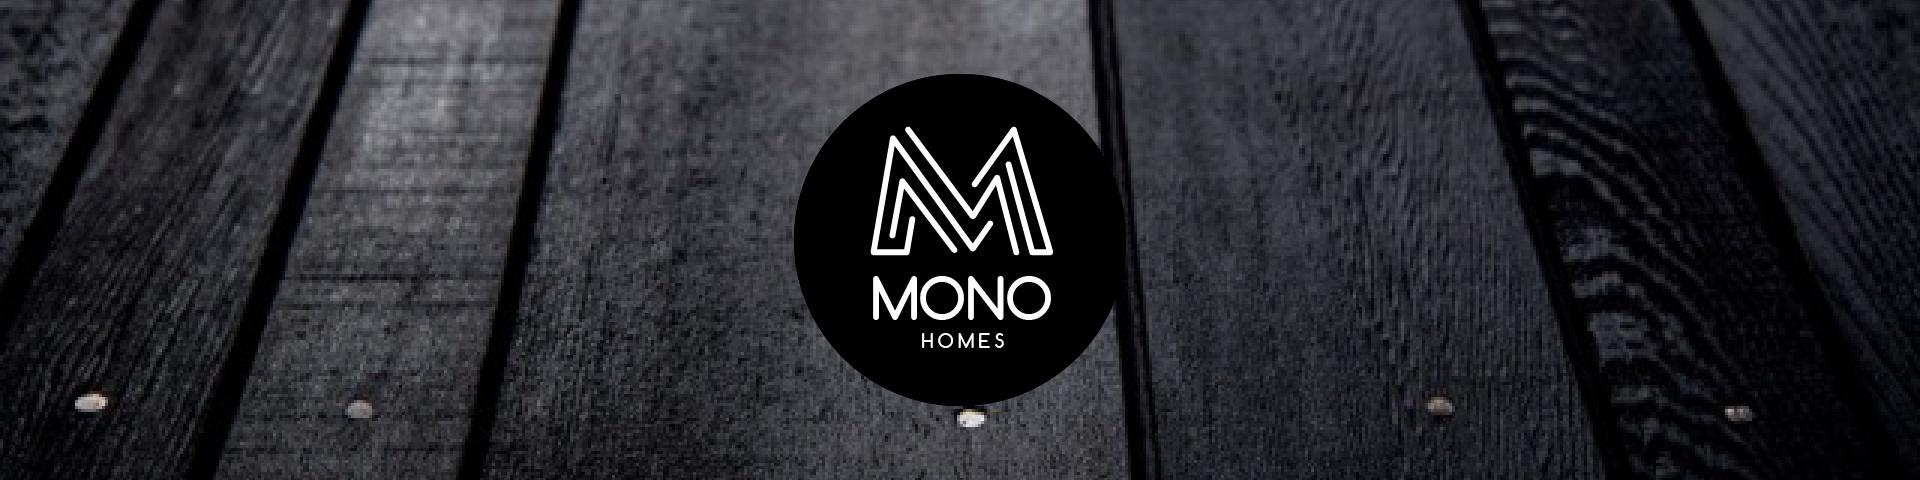 Mono Homes